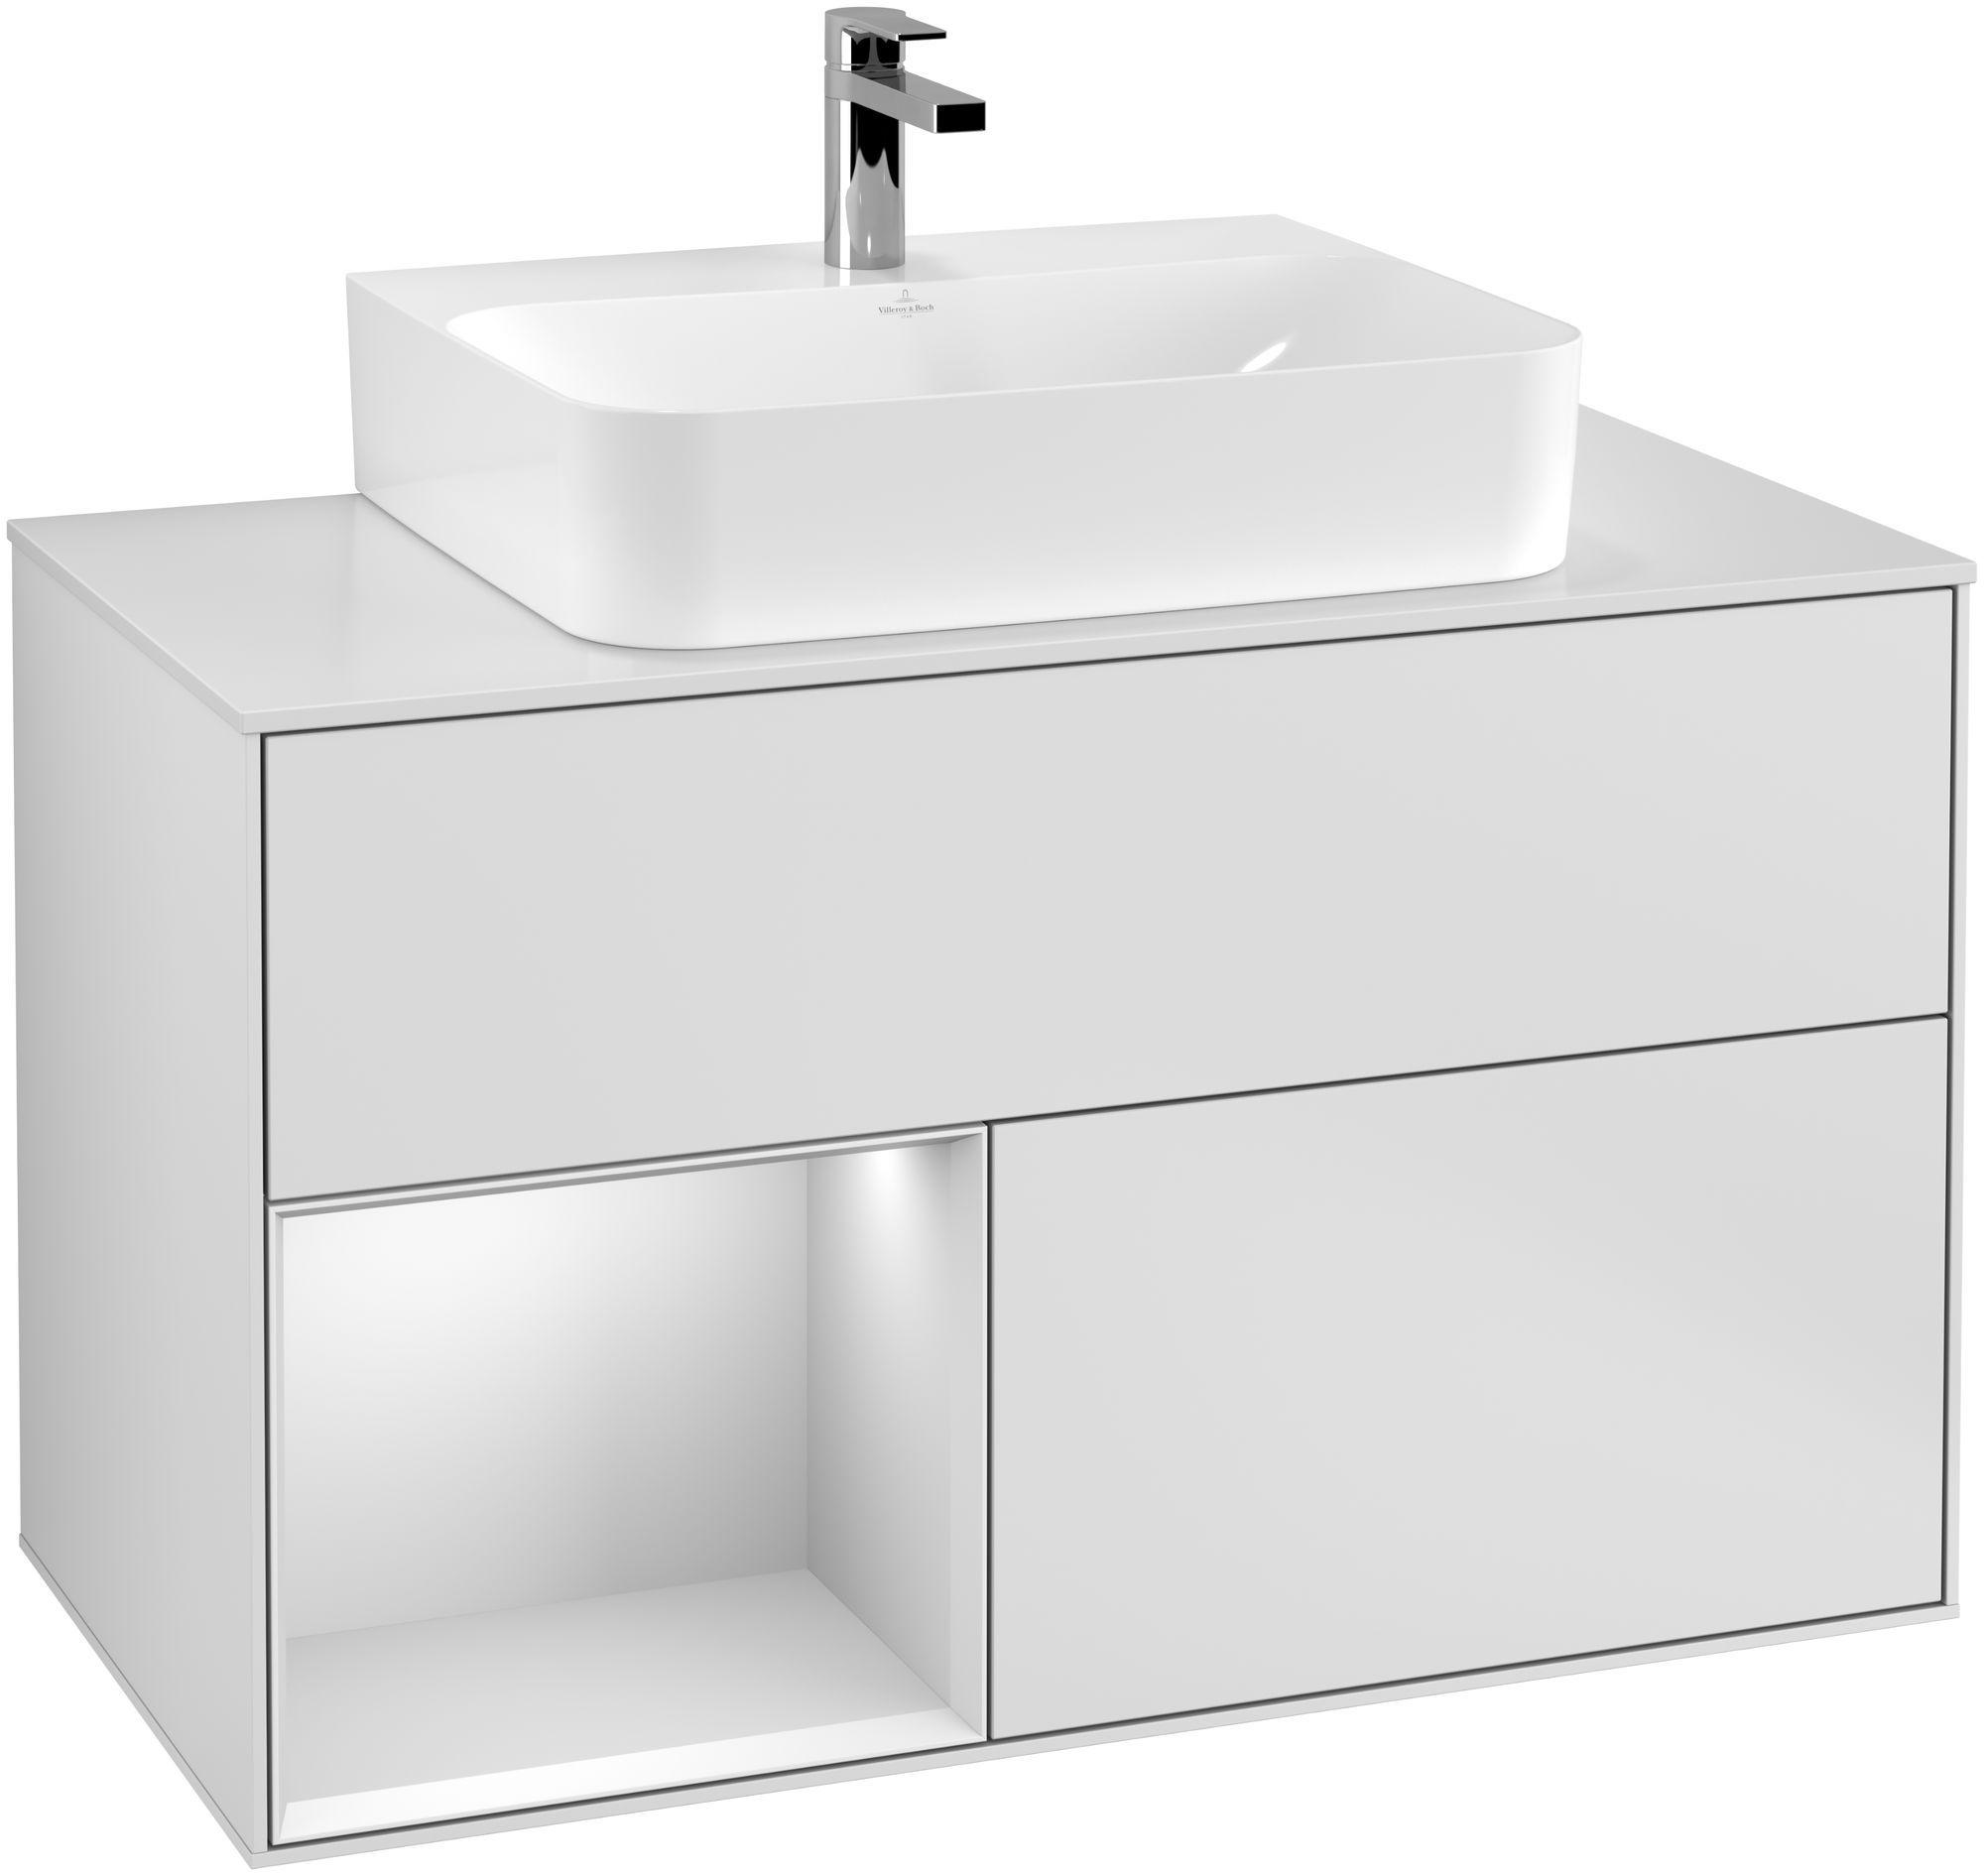 Villeroy & Boch Finion G11 Waschtischunterschrank mit Regalelement 2 Auszüge Waschtisch mittig LED-Beleuchtung B:100xH:60,3xT:50,1cm Front, Korpus: Weiß Matt Soft Grey, Glasplatte: White Matt G111MTMT